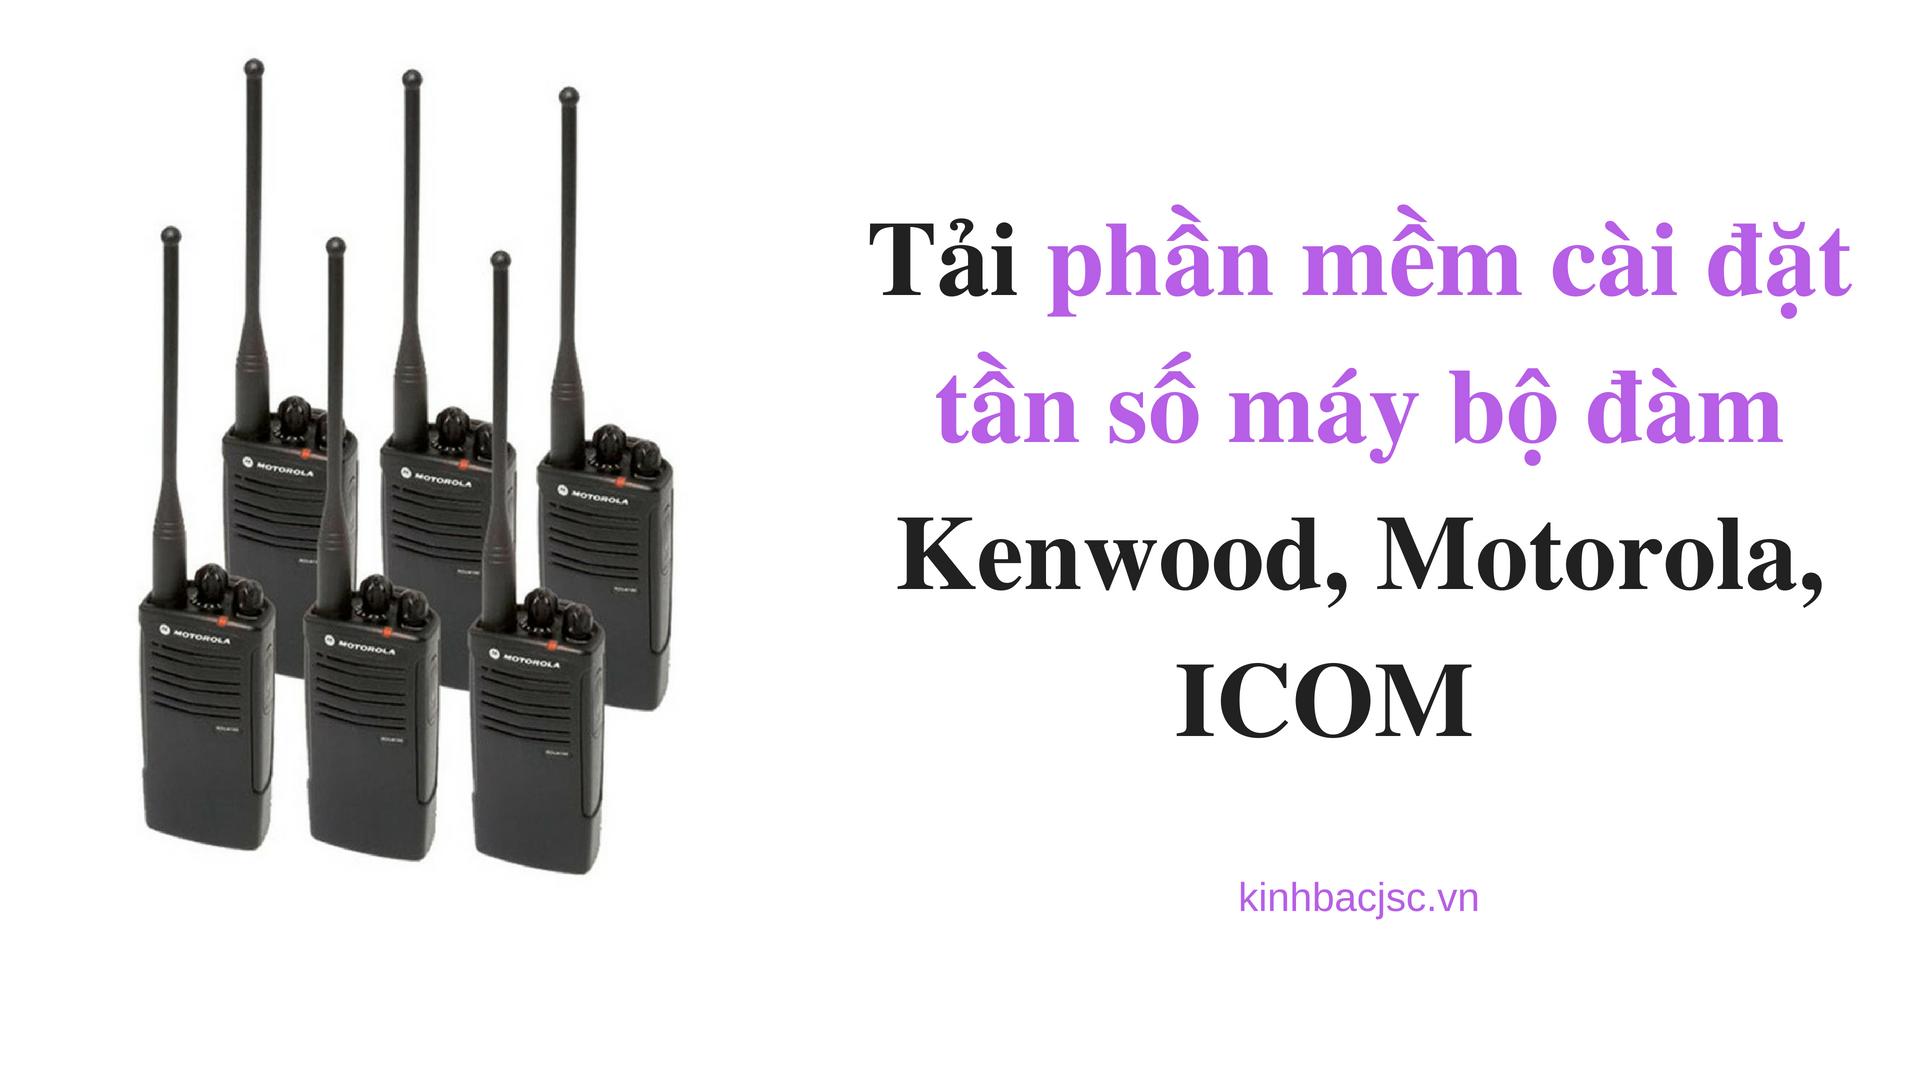 Tải phần mềm cài đặt tần số máy bộ đàm Kenwood, Motorola, ICOM